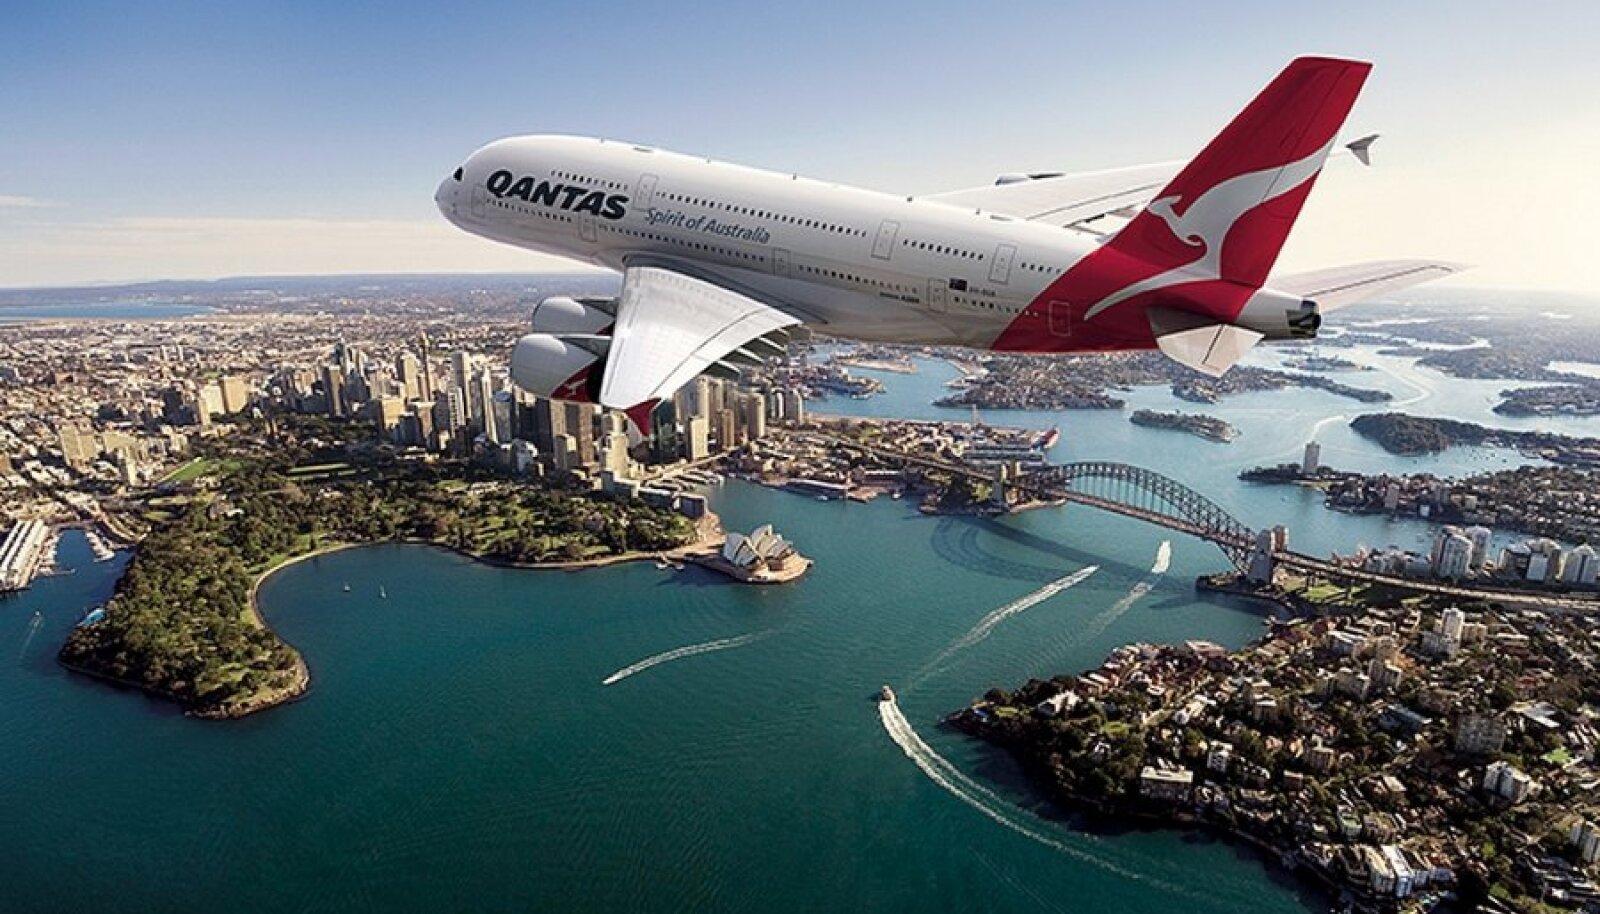 Qantase A380 Sydney kohal.